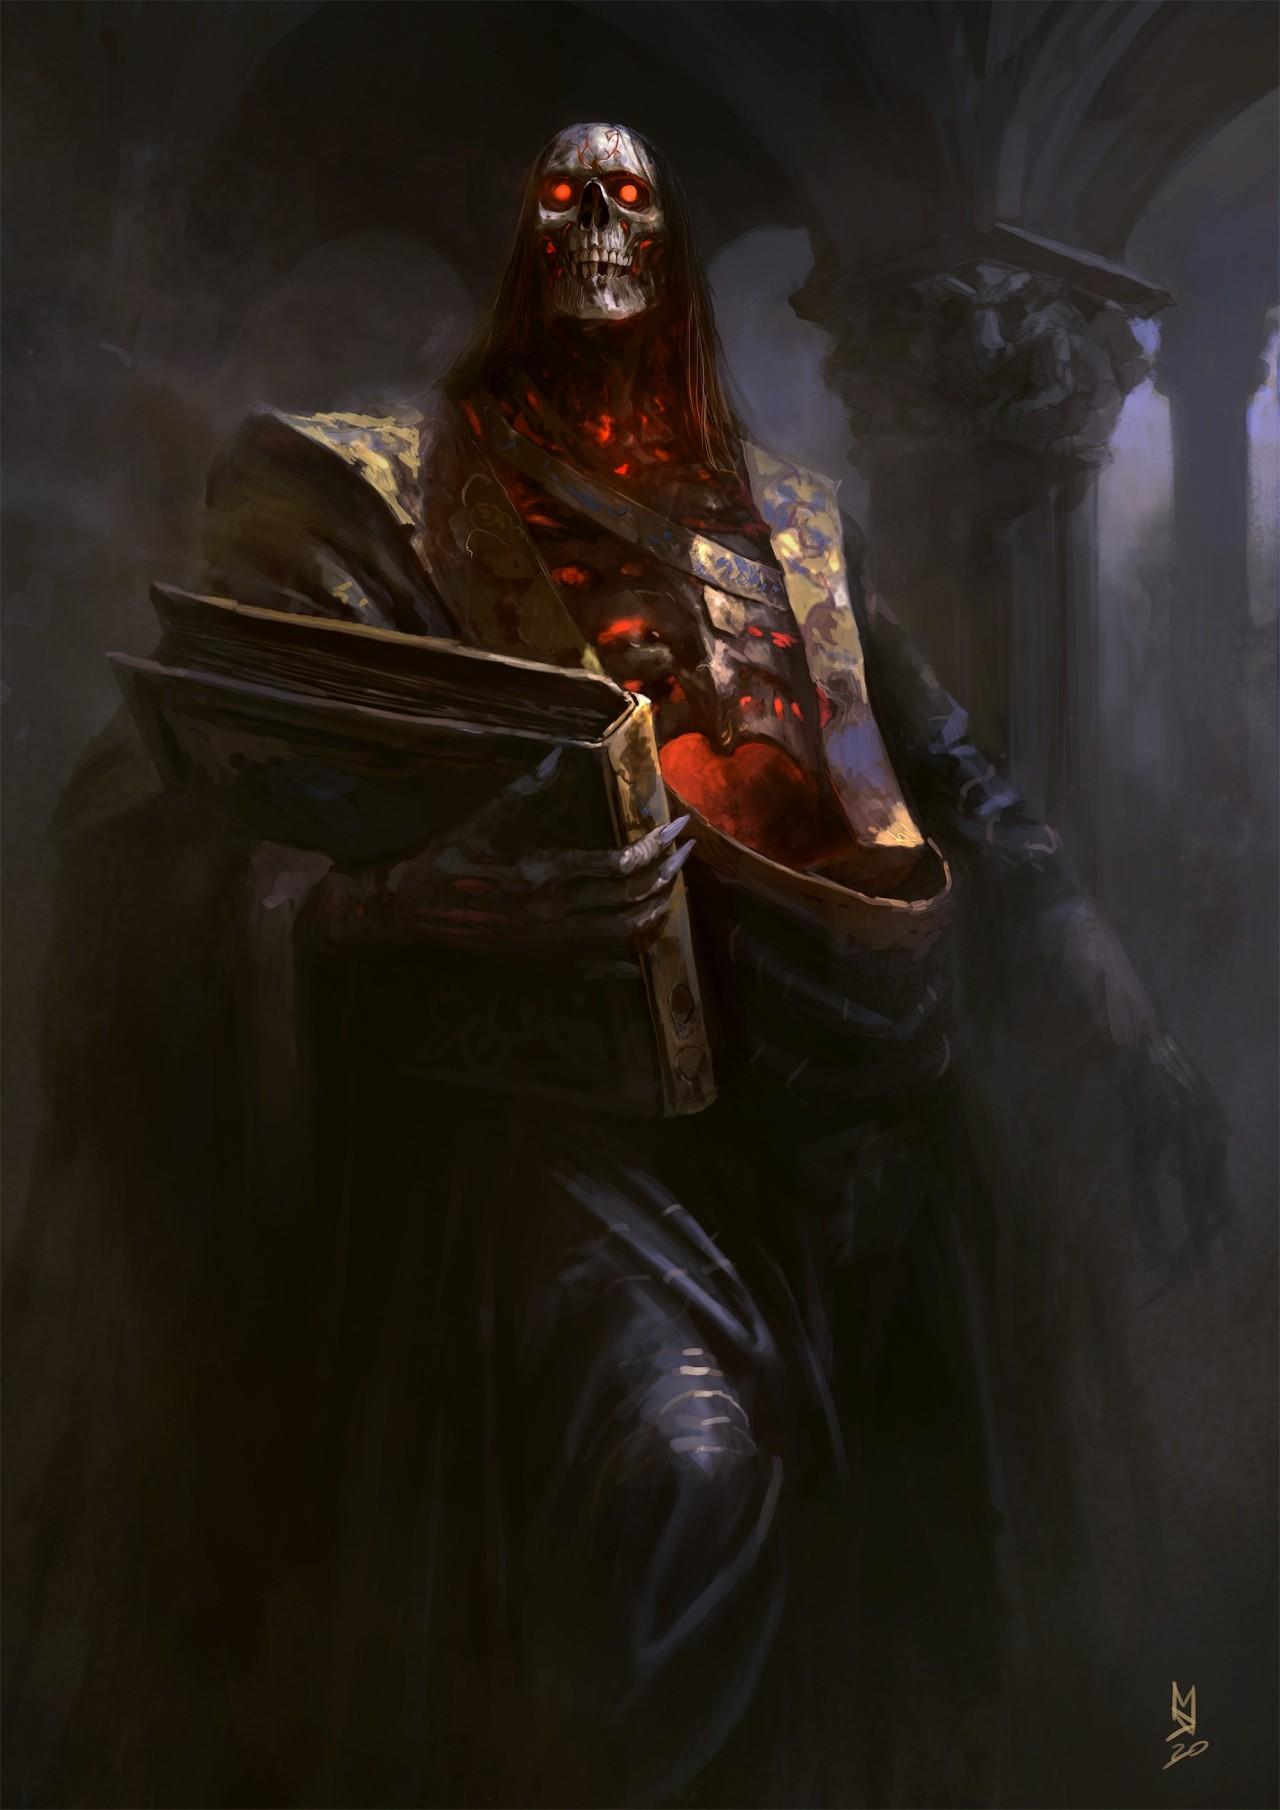 Csontváz démon regisztrációs űrlappal a kezében :)